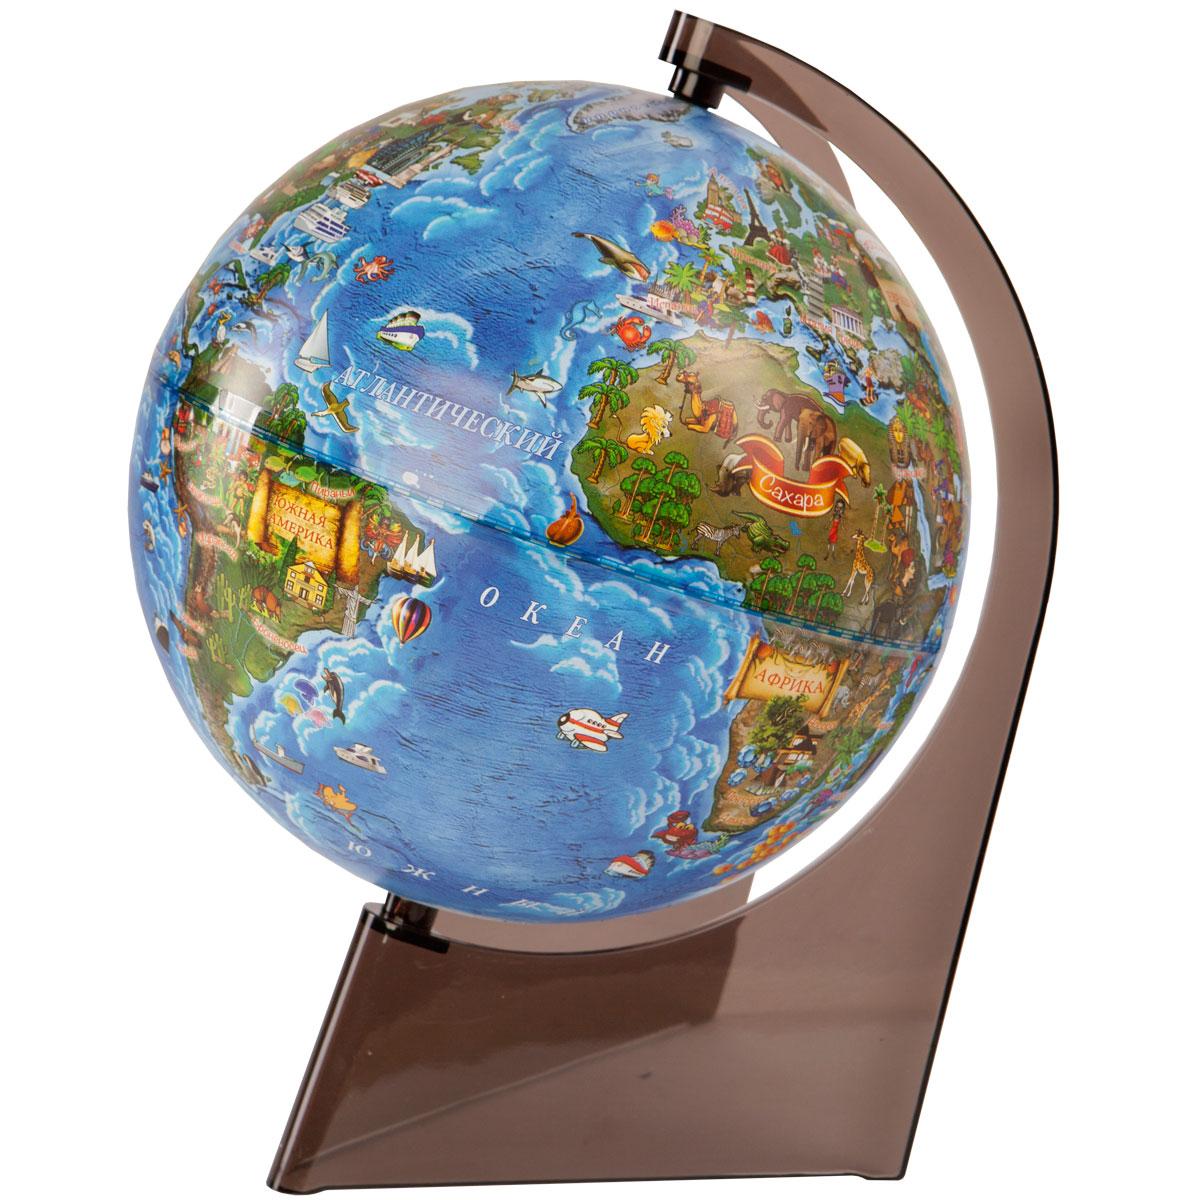 Глобус Земли для детей диаметр 210 мм на треугольной подставке, Глобусный мир